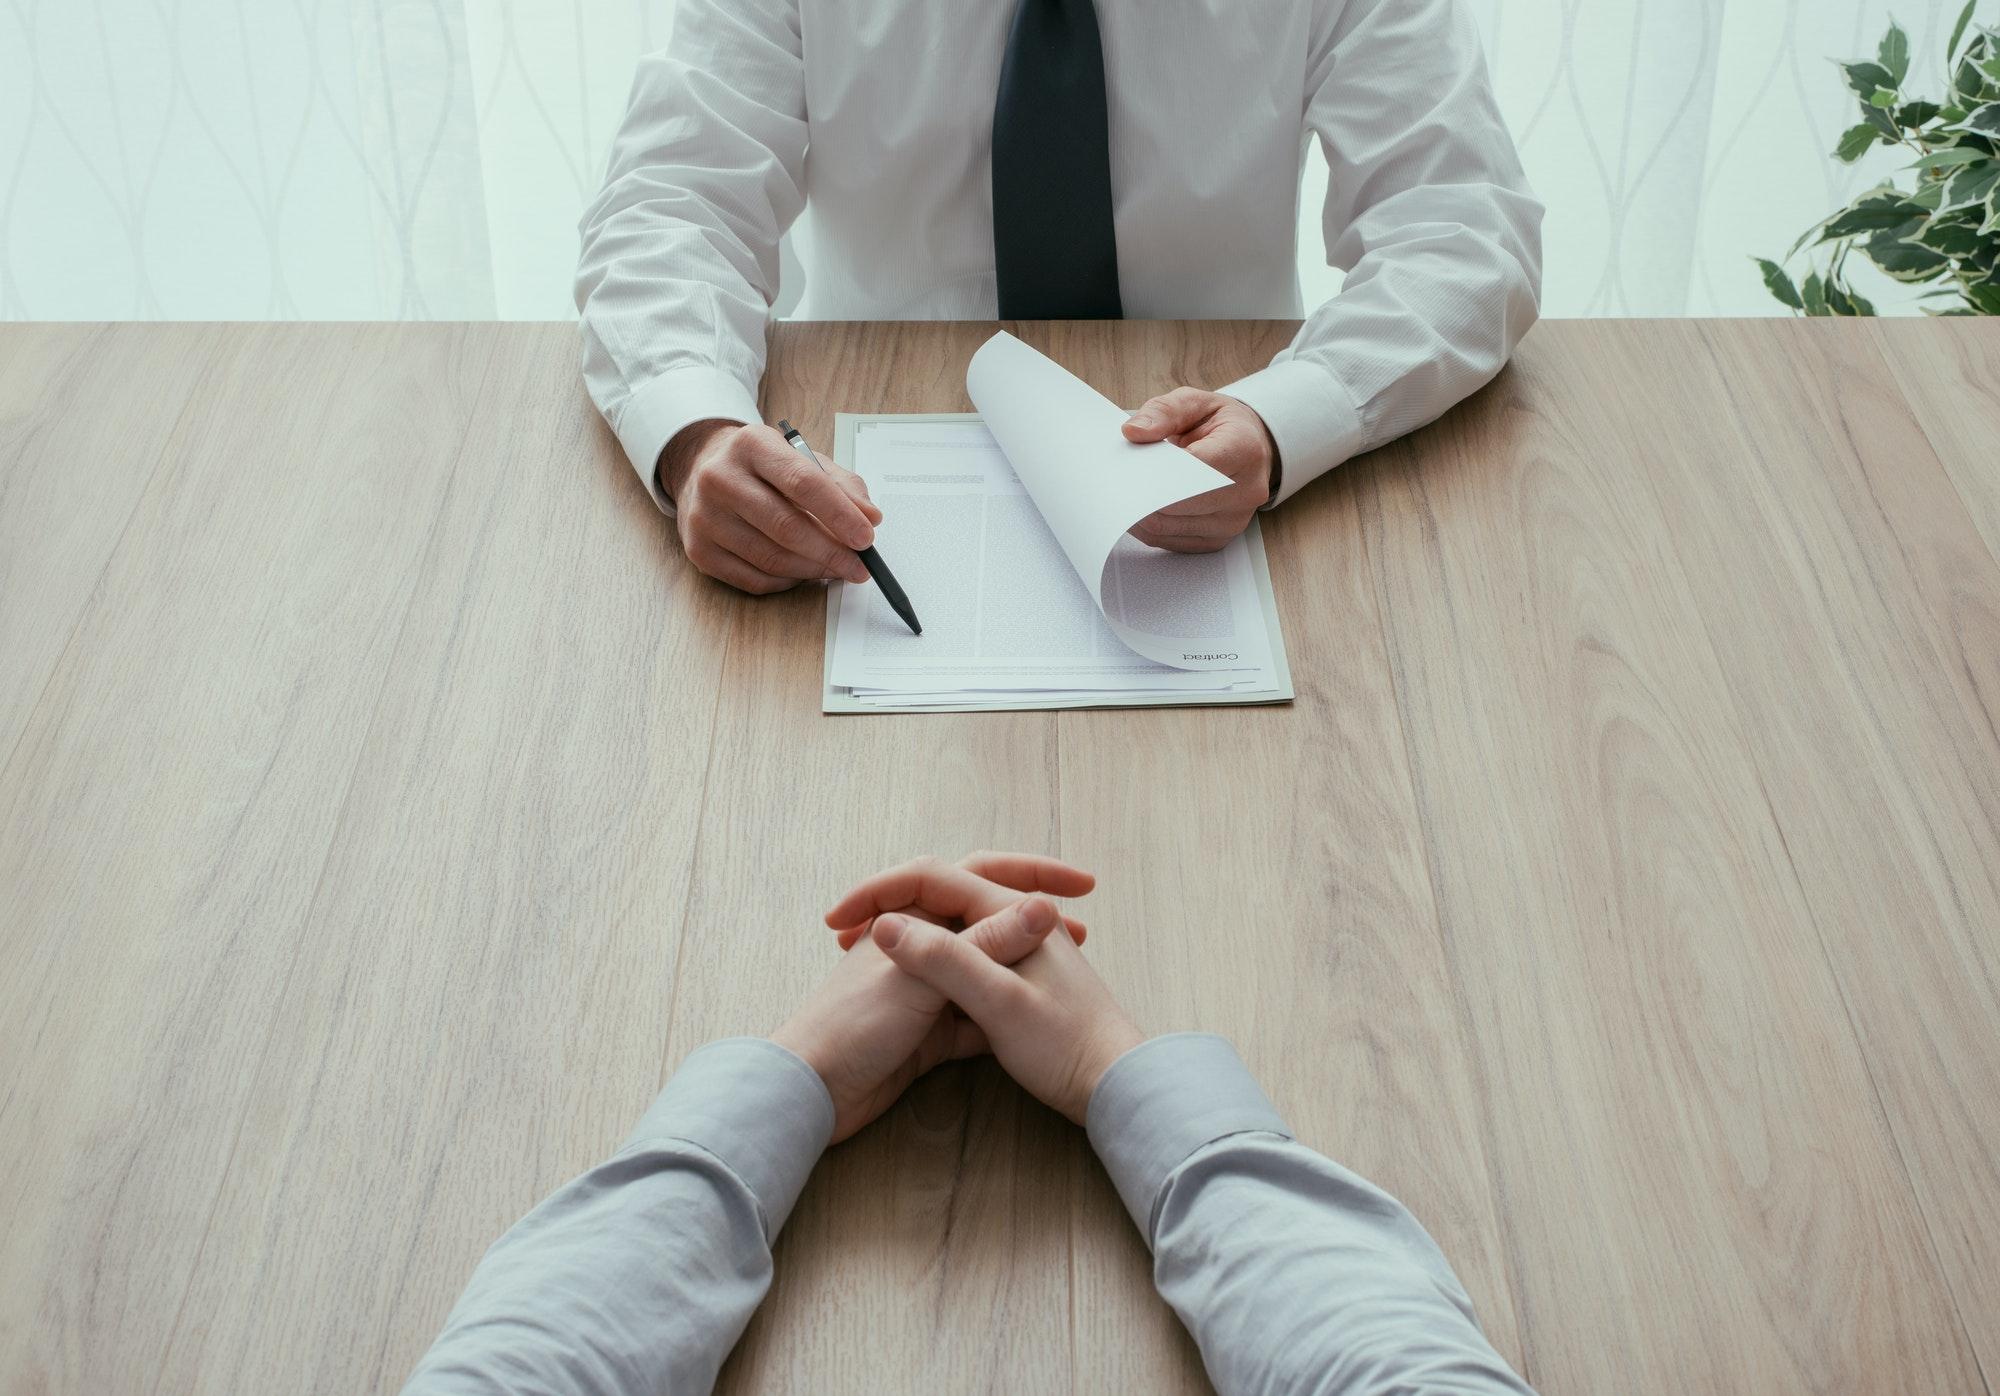 particulier-droit-travail-contrat-avant-agn-avocats.jpg